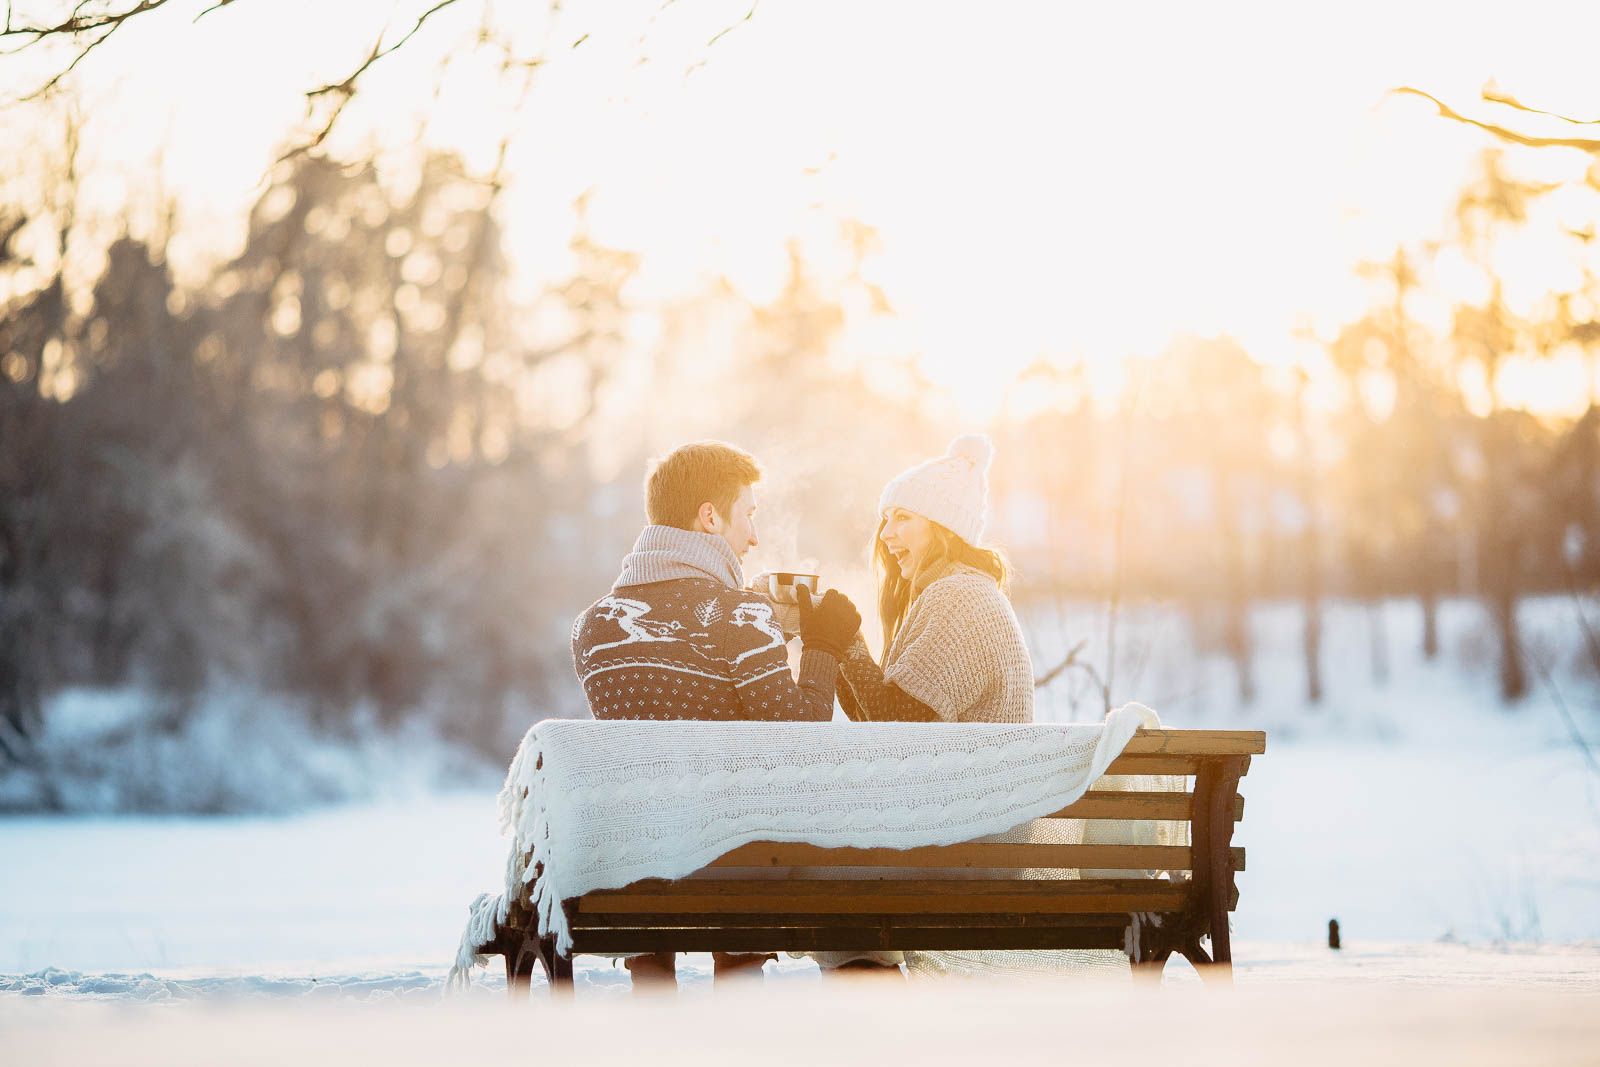 Съемка Love Story в Москве